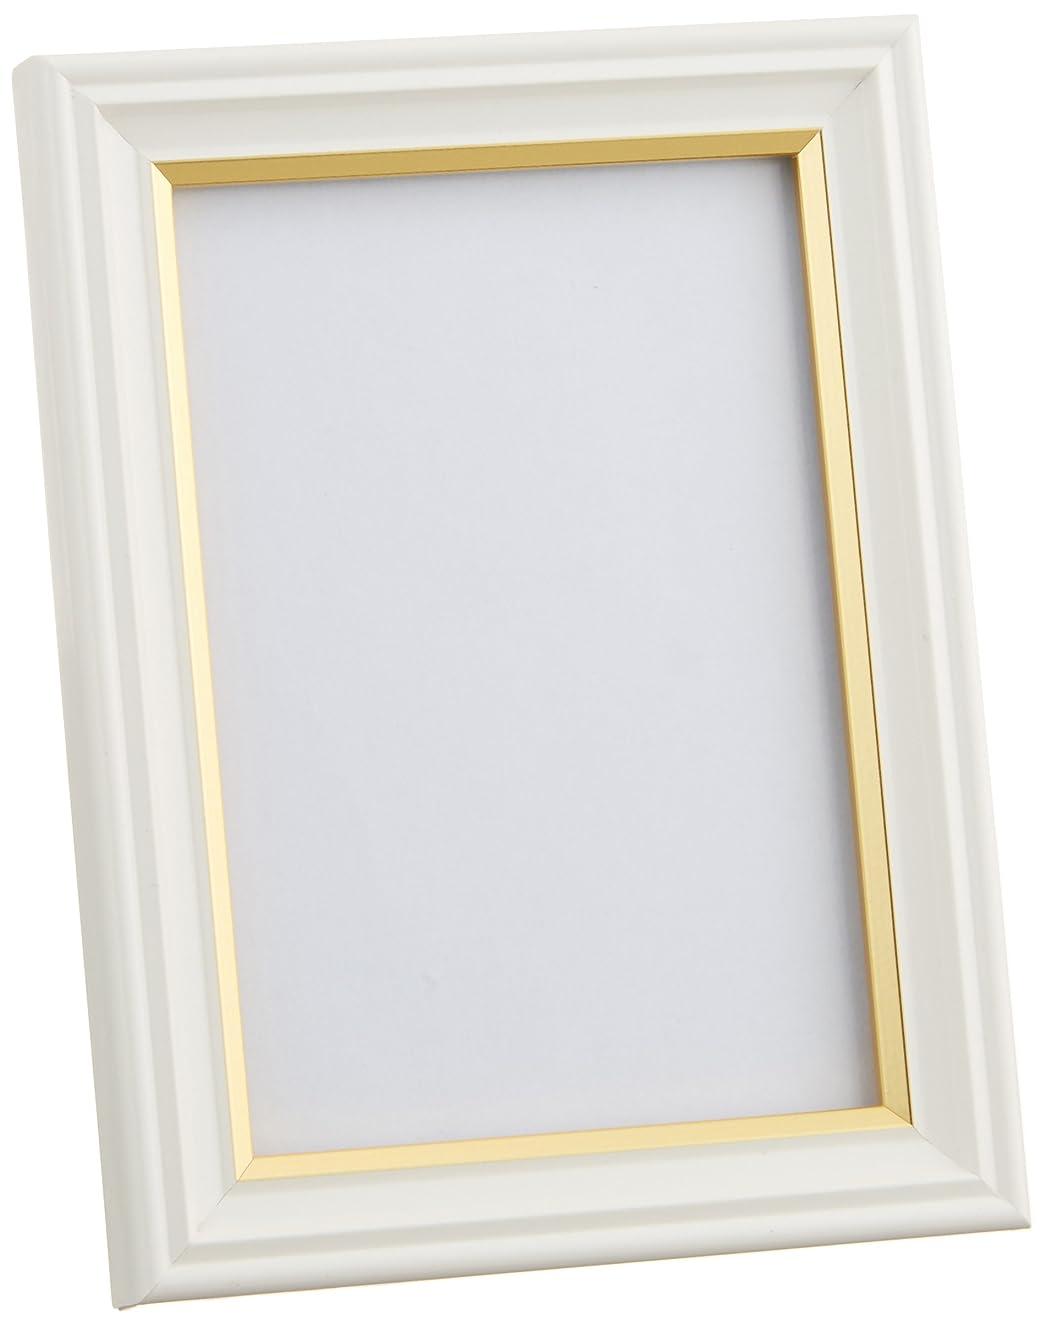 アジアレーザこだわりFUJICOLOR 額縁 肖像額 パールホワイト [ 無反射ガラス ] L 木製 ホワイト 41064